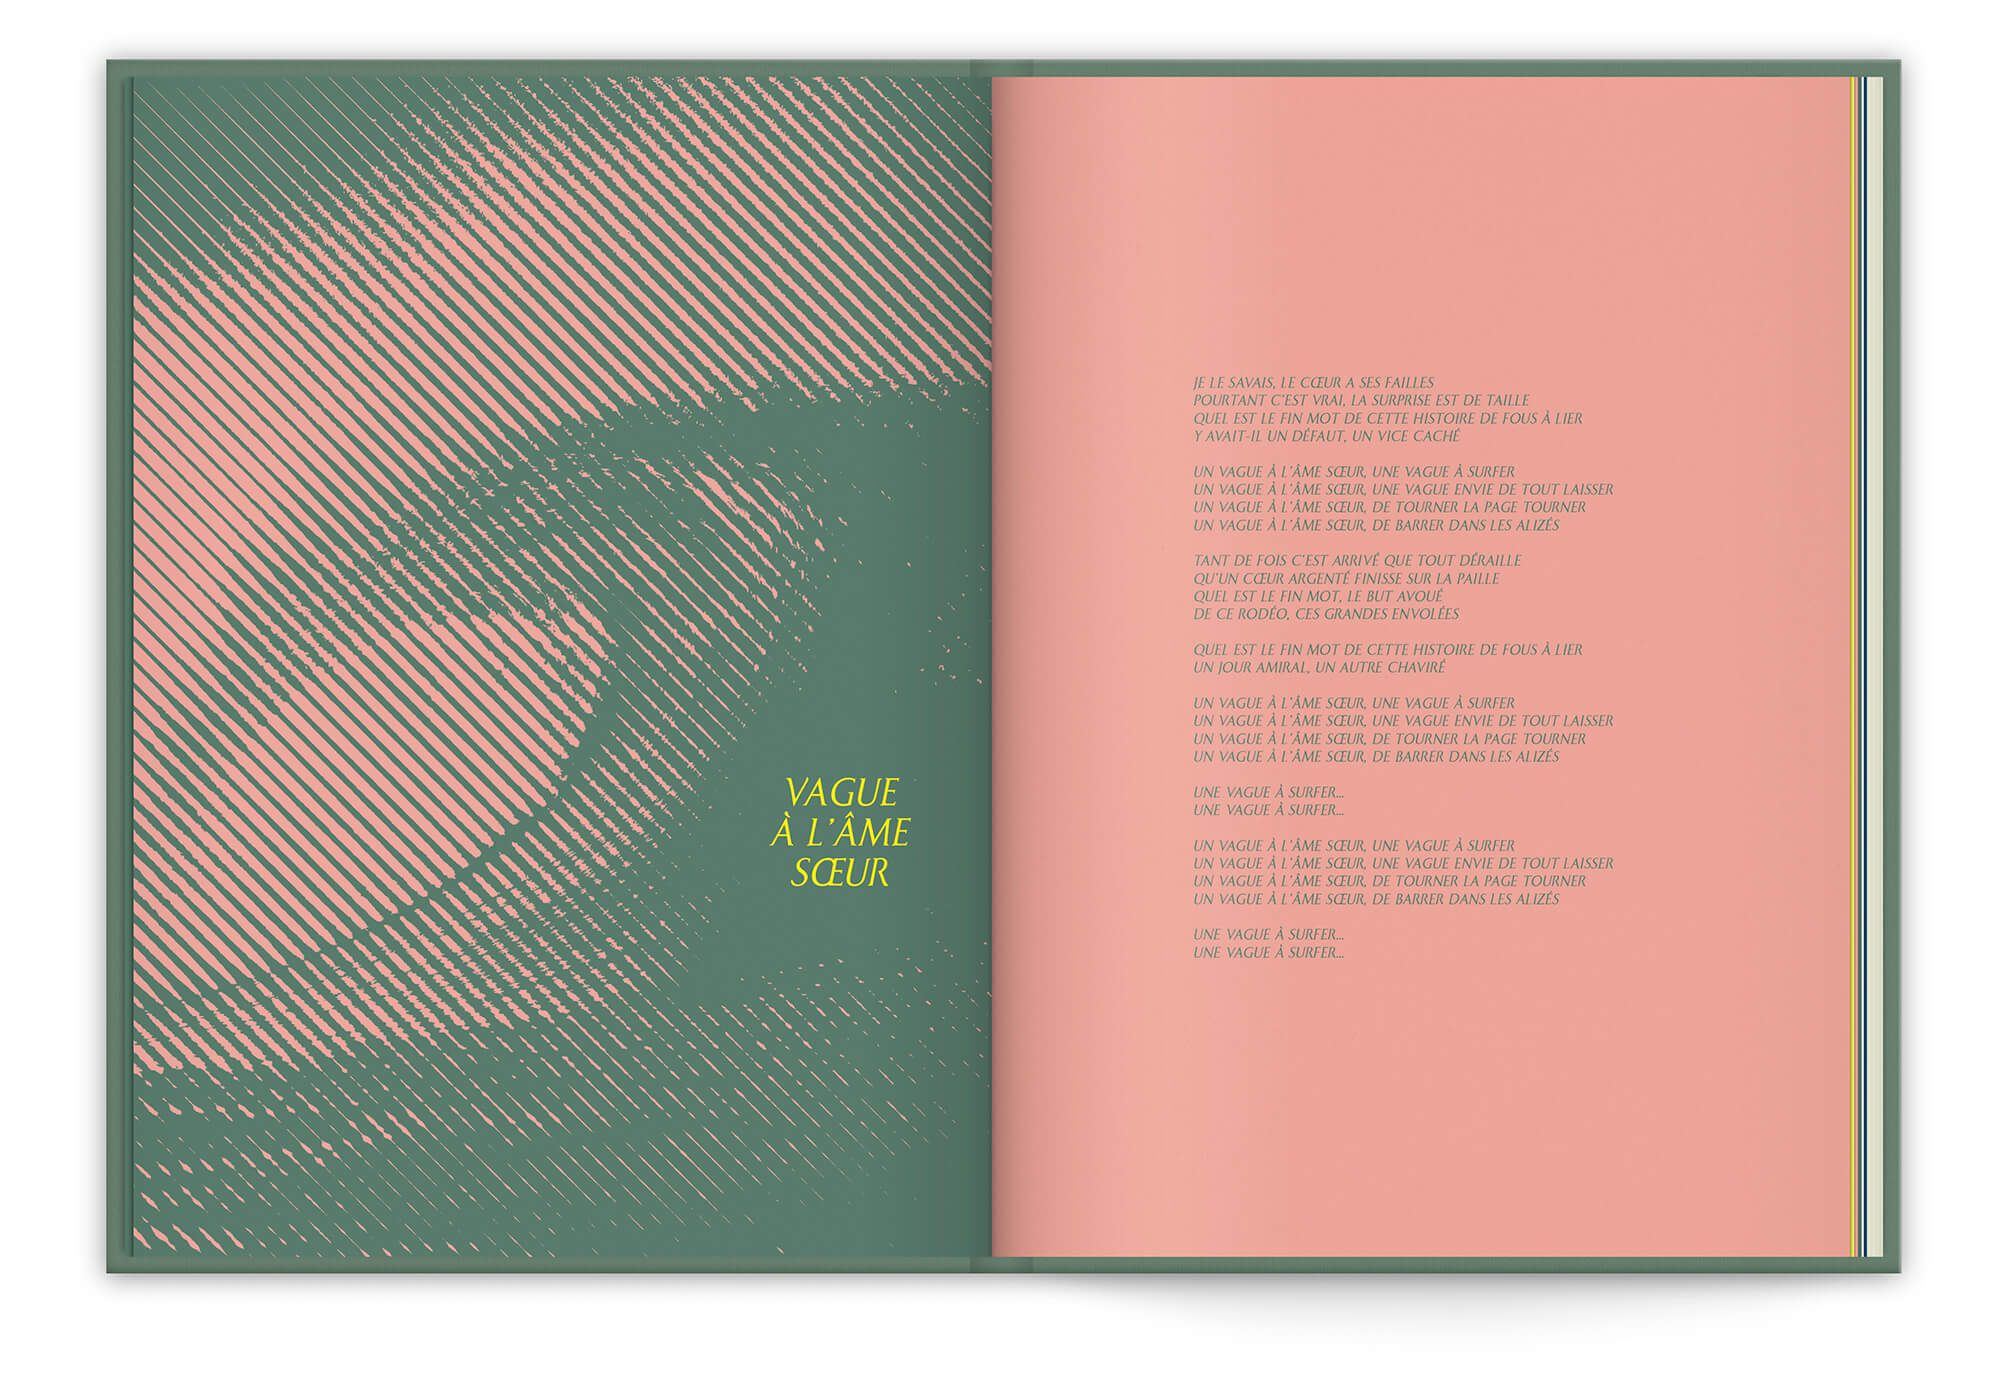 Le single Vague à l'âme soeur, titre inédit lors de la sortie du best of 2019 de Vanessa Paradis, Image tramé et design IchetKar